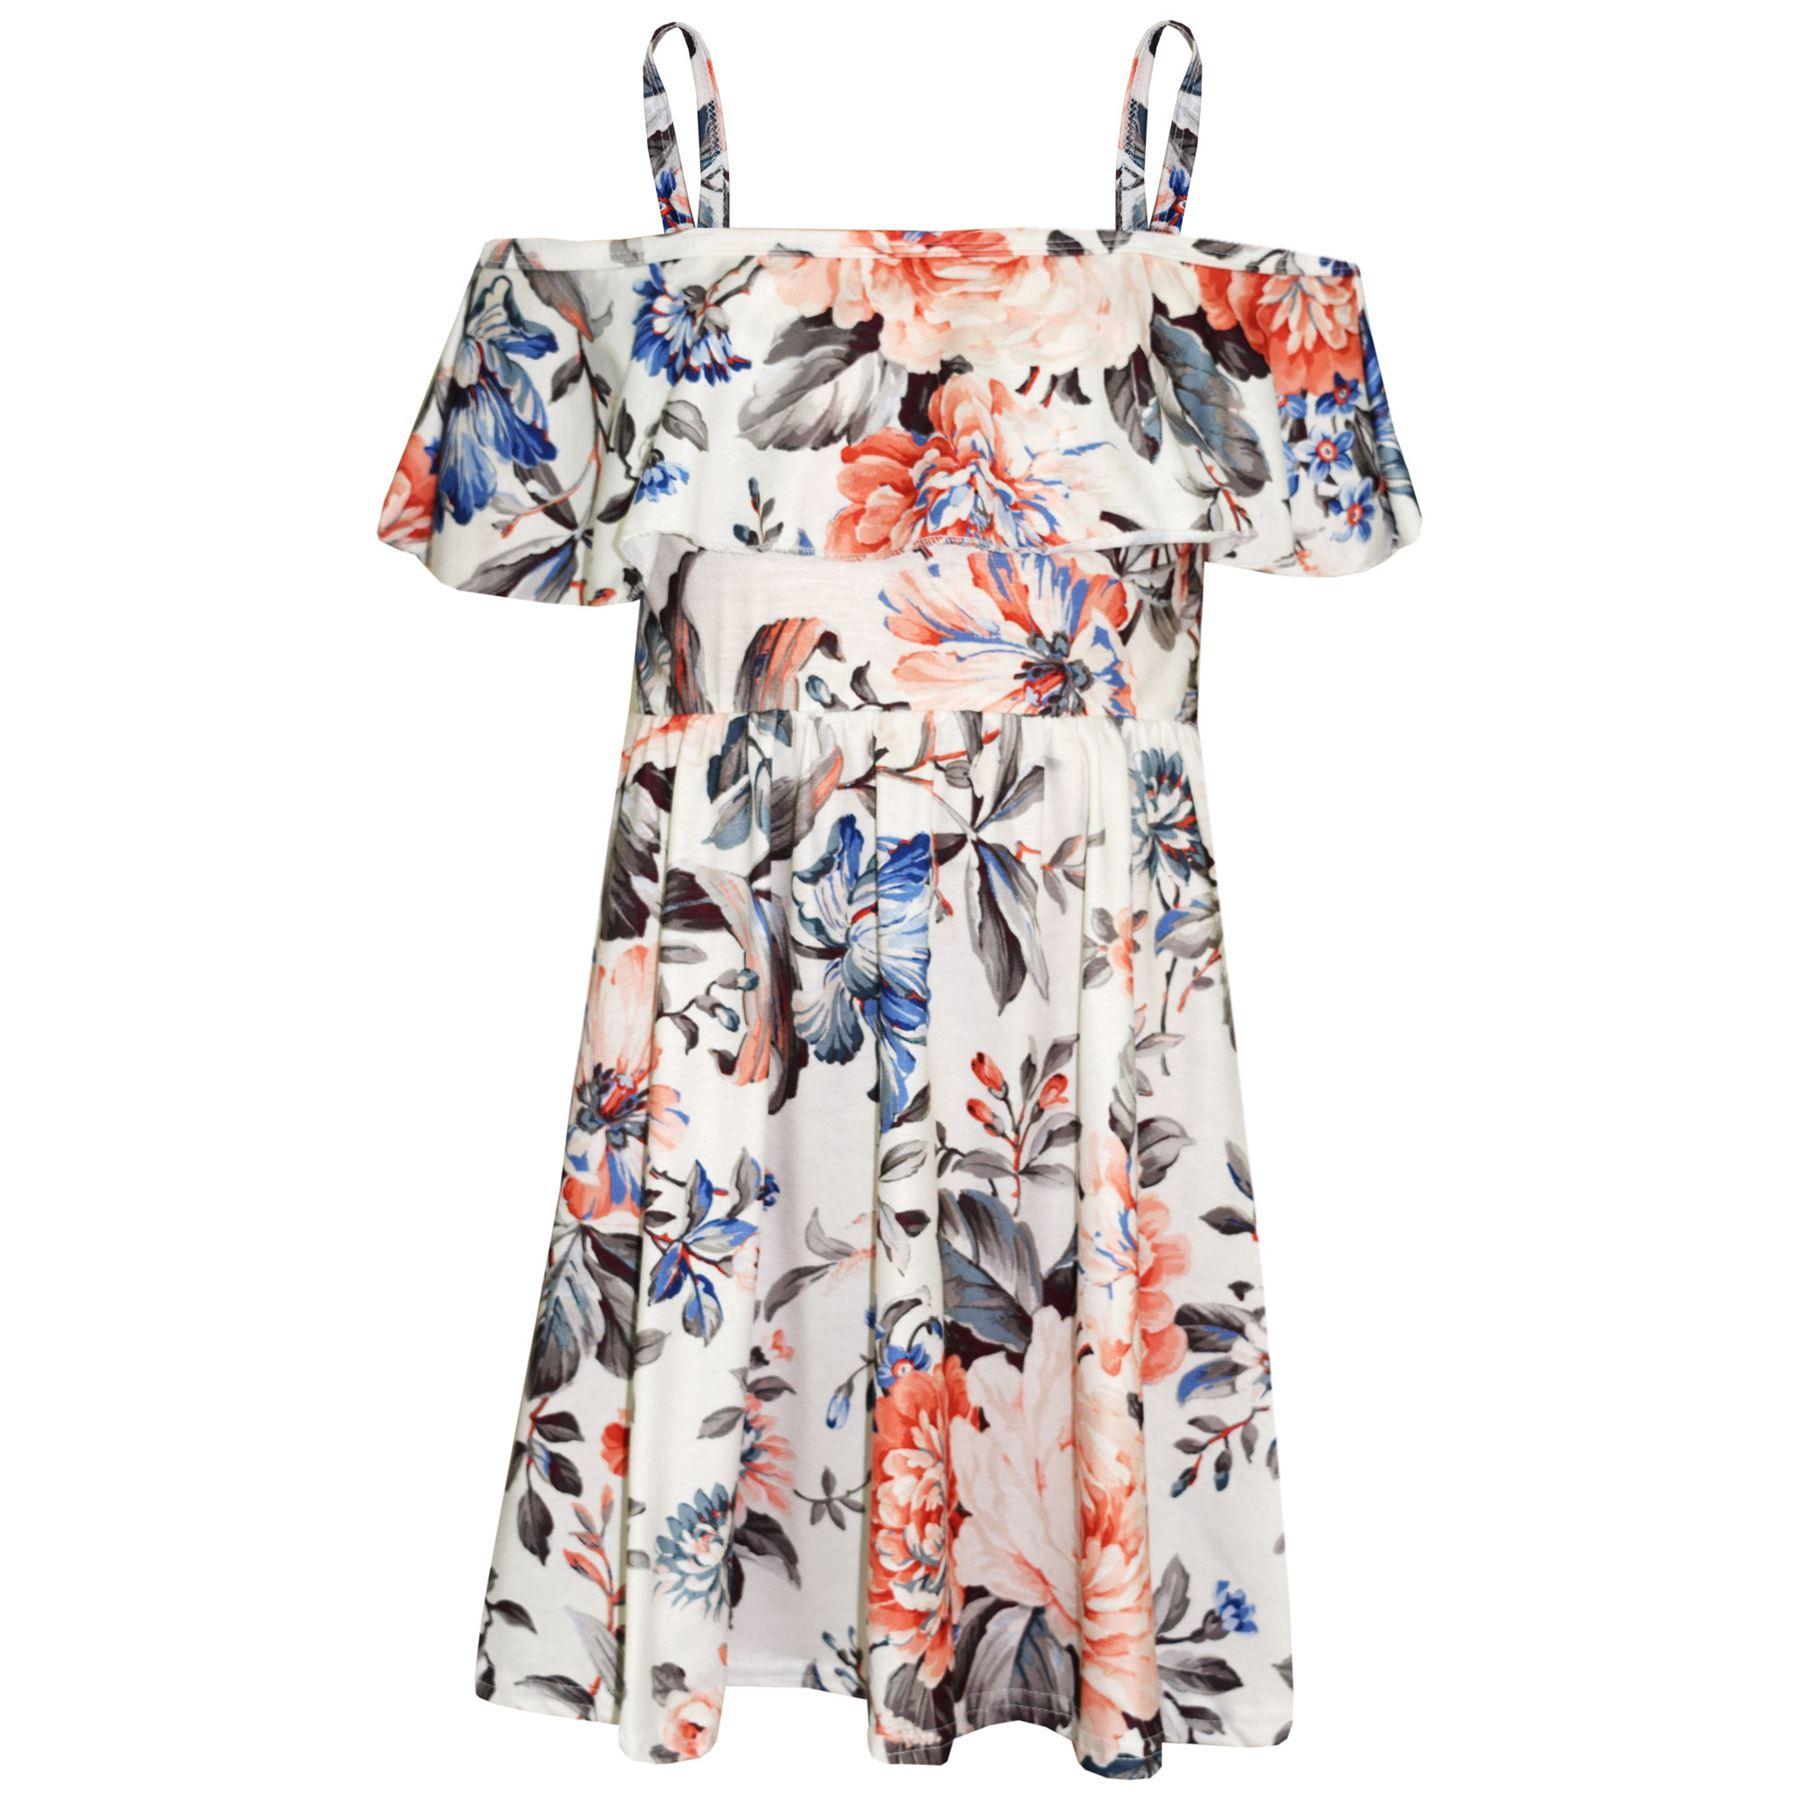 Kids-Girls-Skater-Dress-Floral-Print-Summer-Party-Fashion-Off-Shoulder-Dresses thumbnail 24